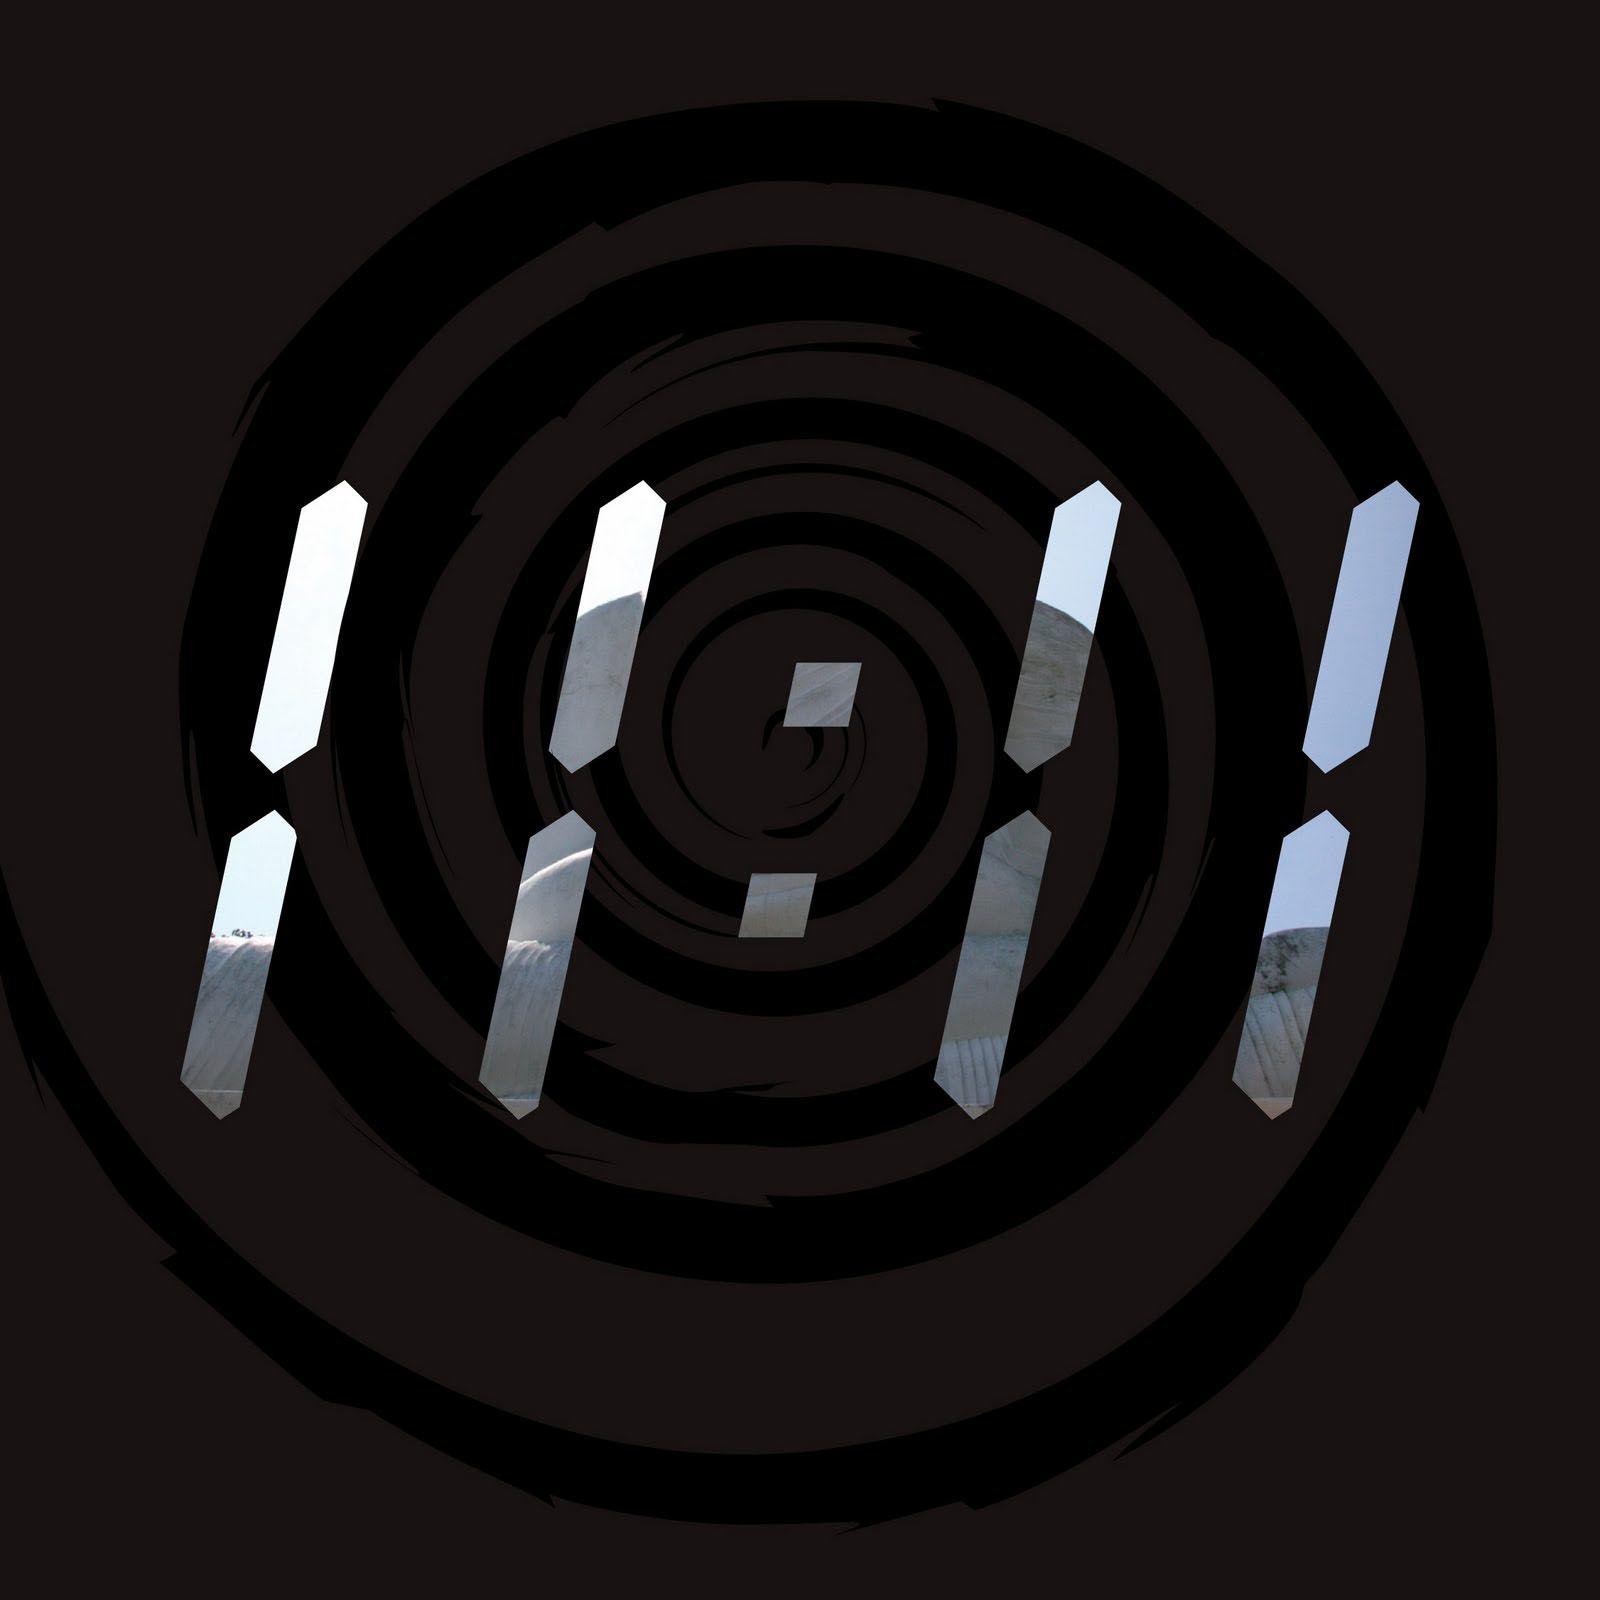 Rodrigo Y Gabriela - 11:11 album cover